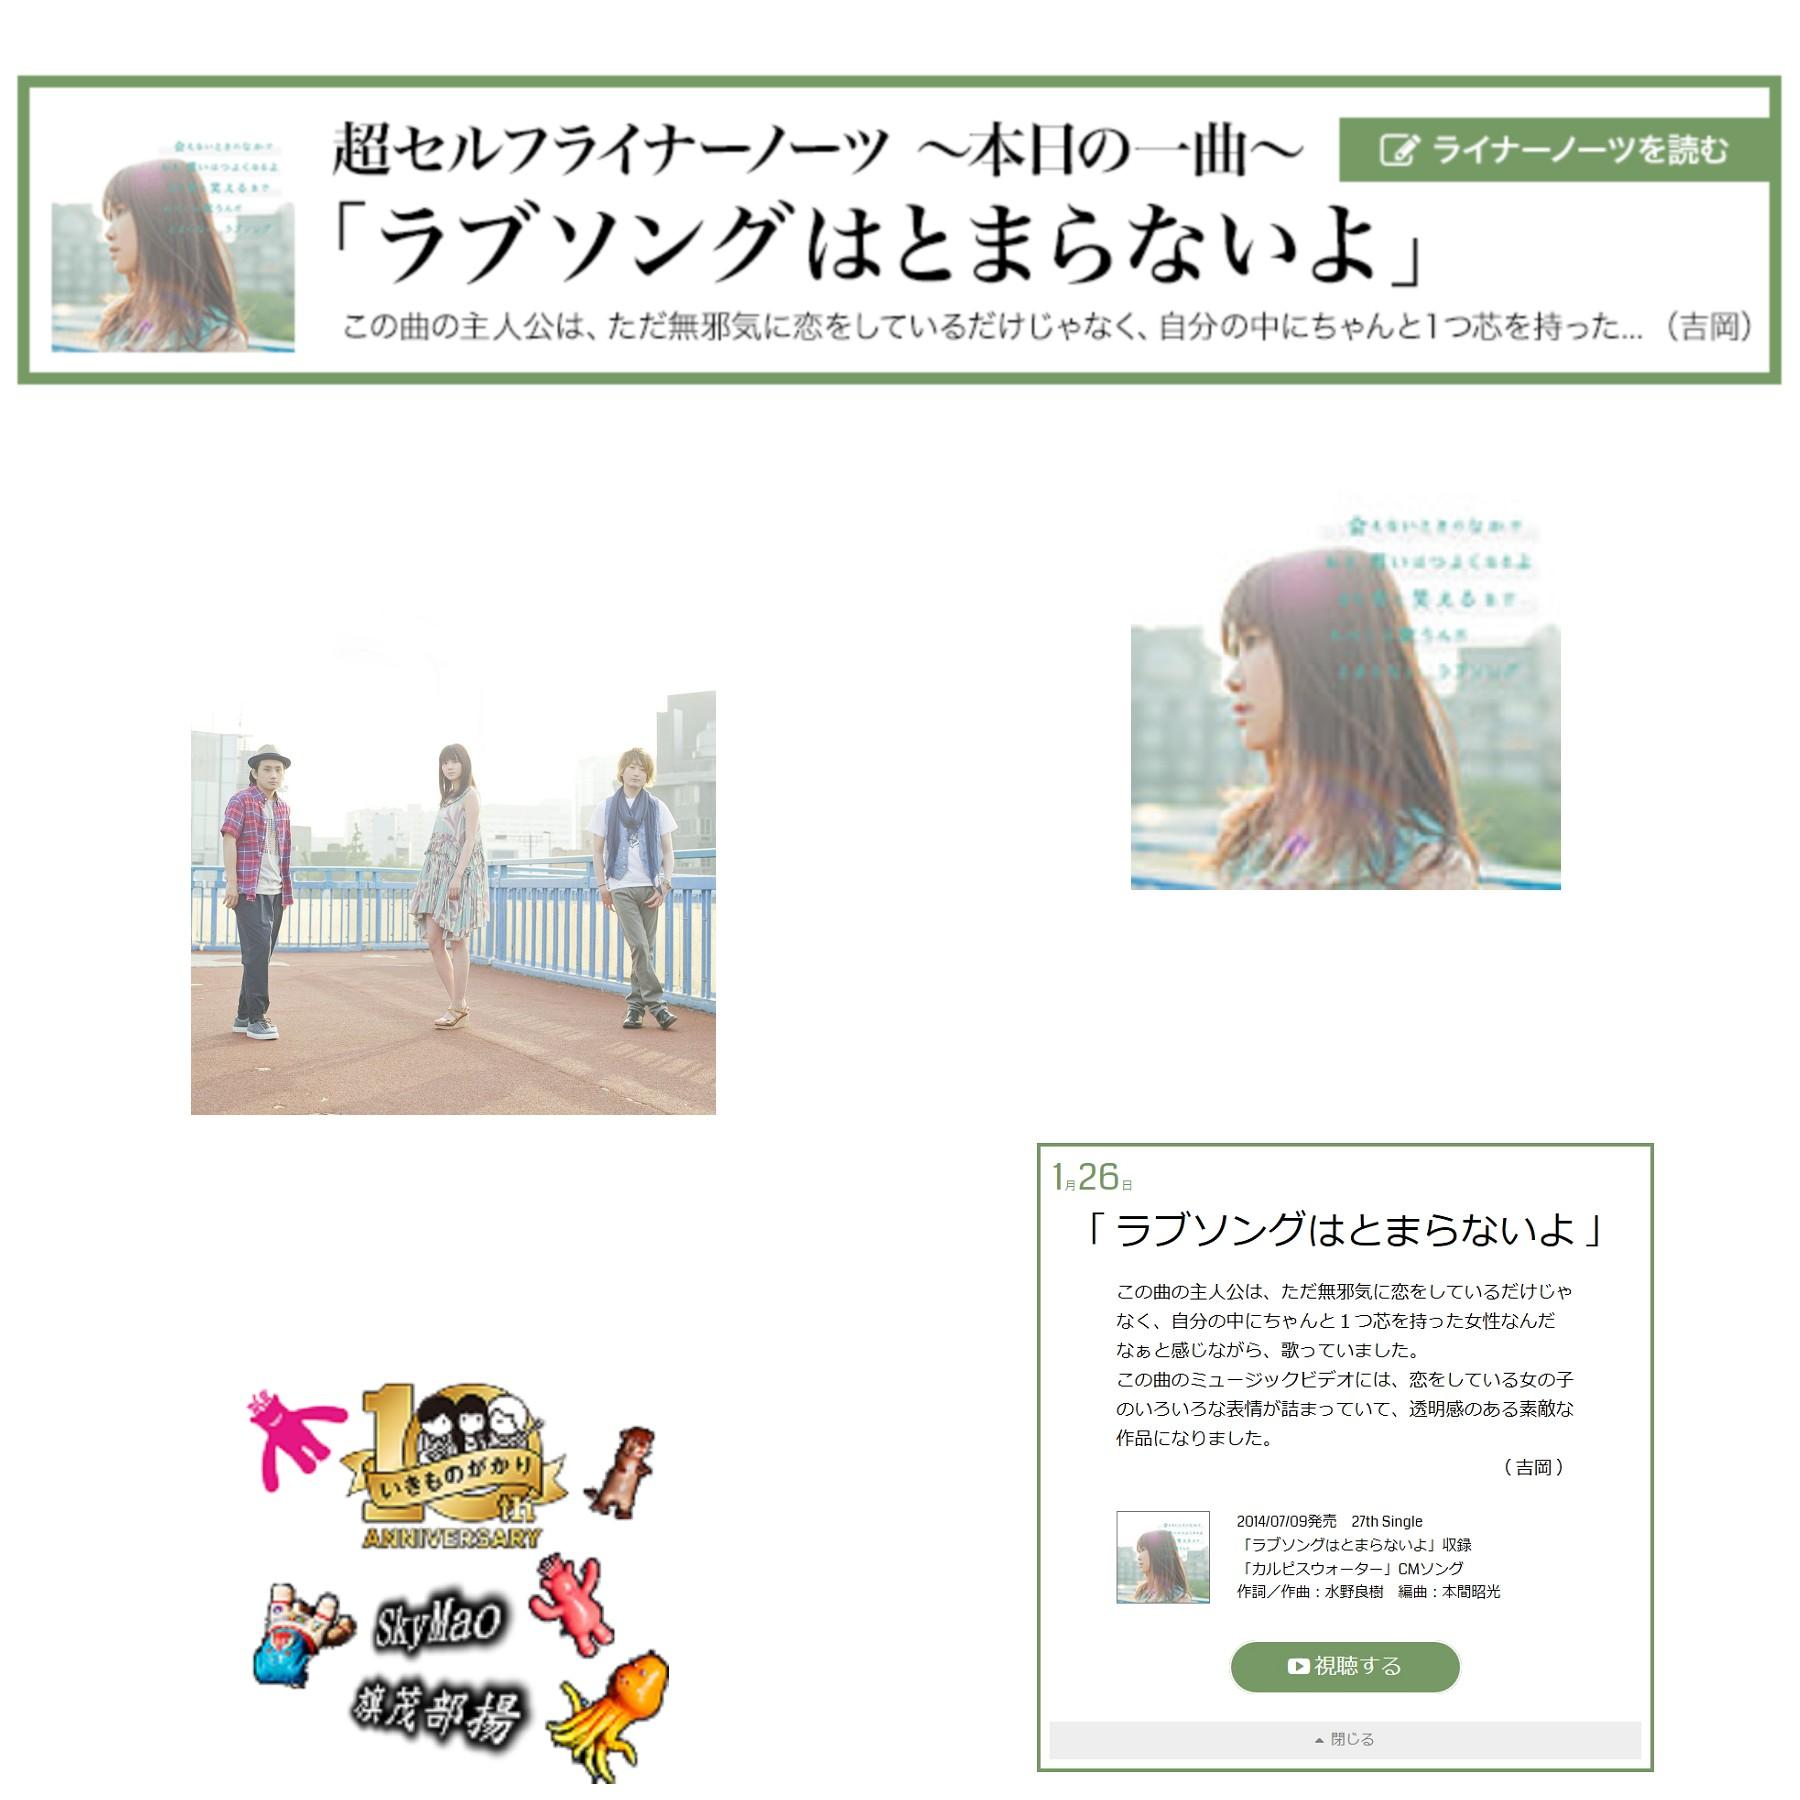 いきものがかり「超セルフライナーノーツ『〜本日の一曲〜』」